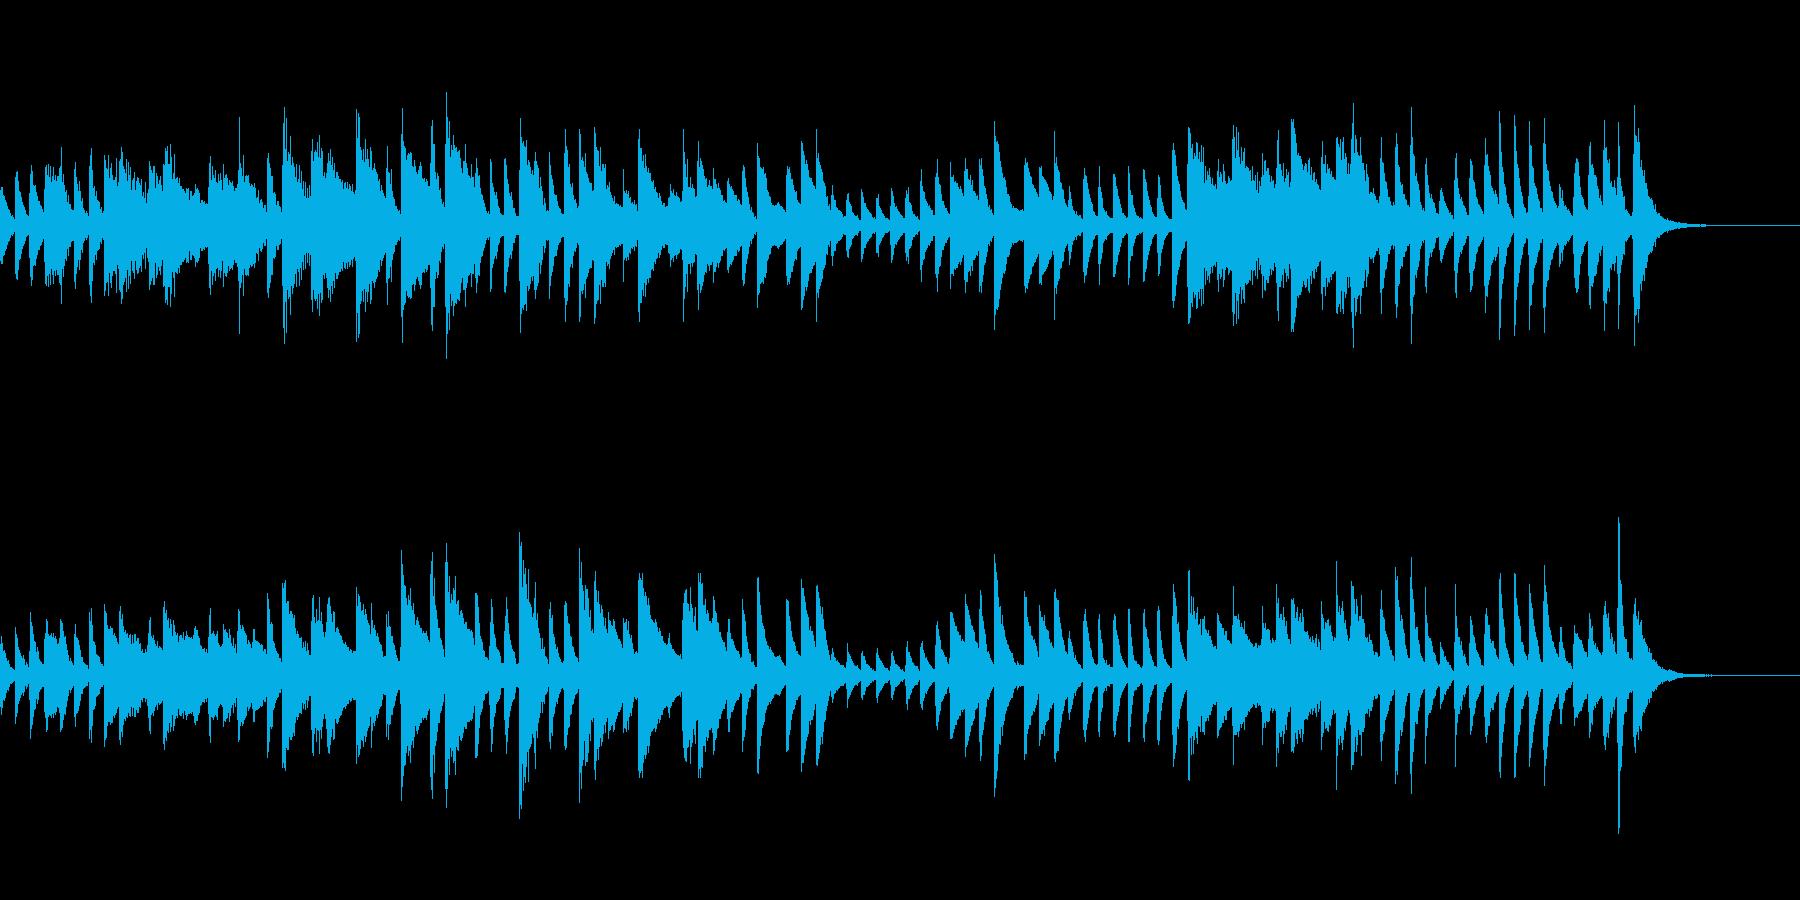 時計の音をイメージしたピアノジングルの再生済みの波形